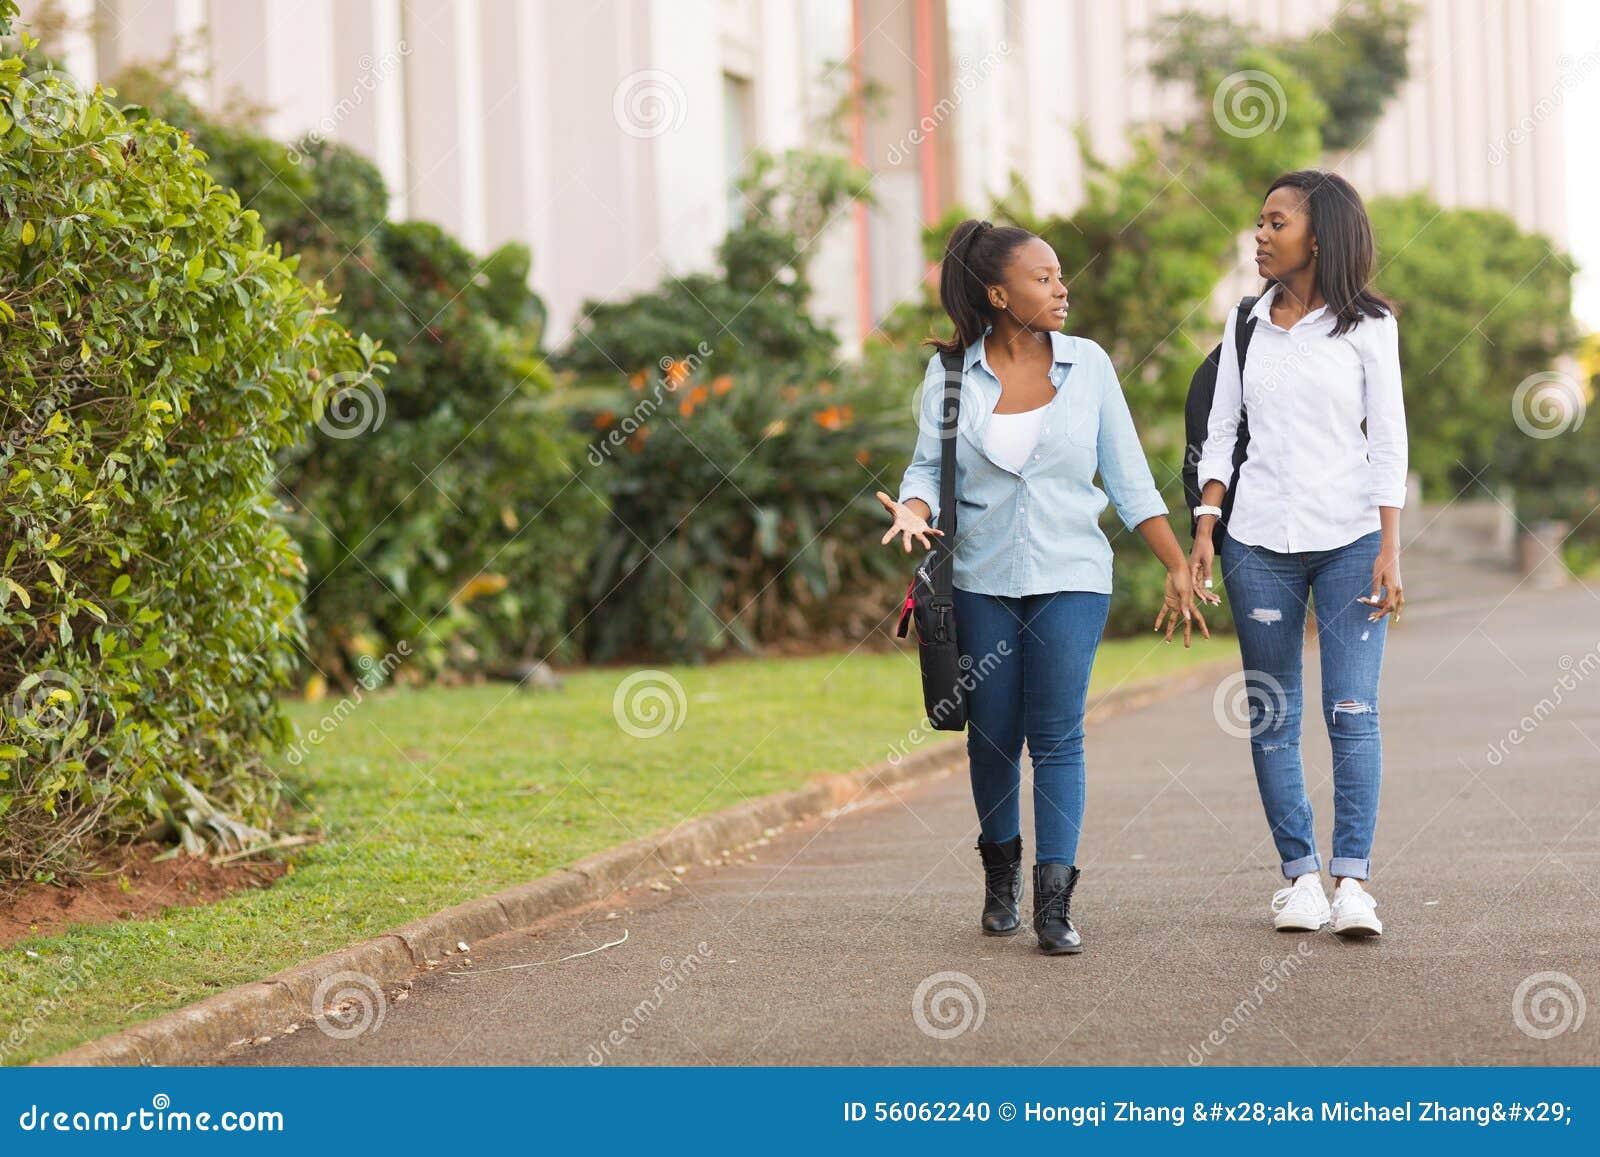 Studenten, die zusammen gehen